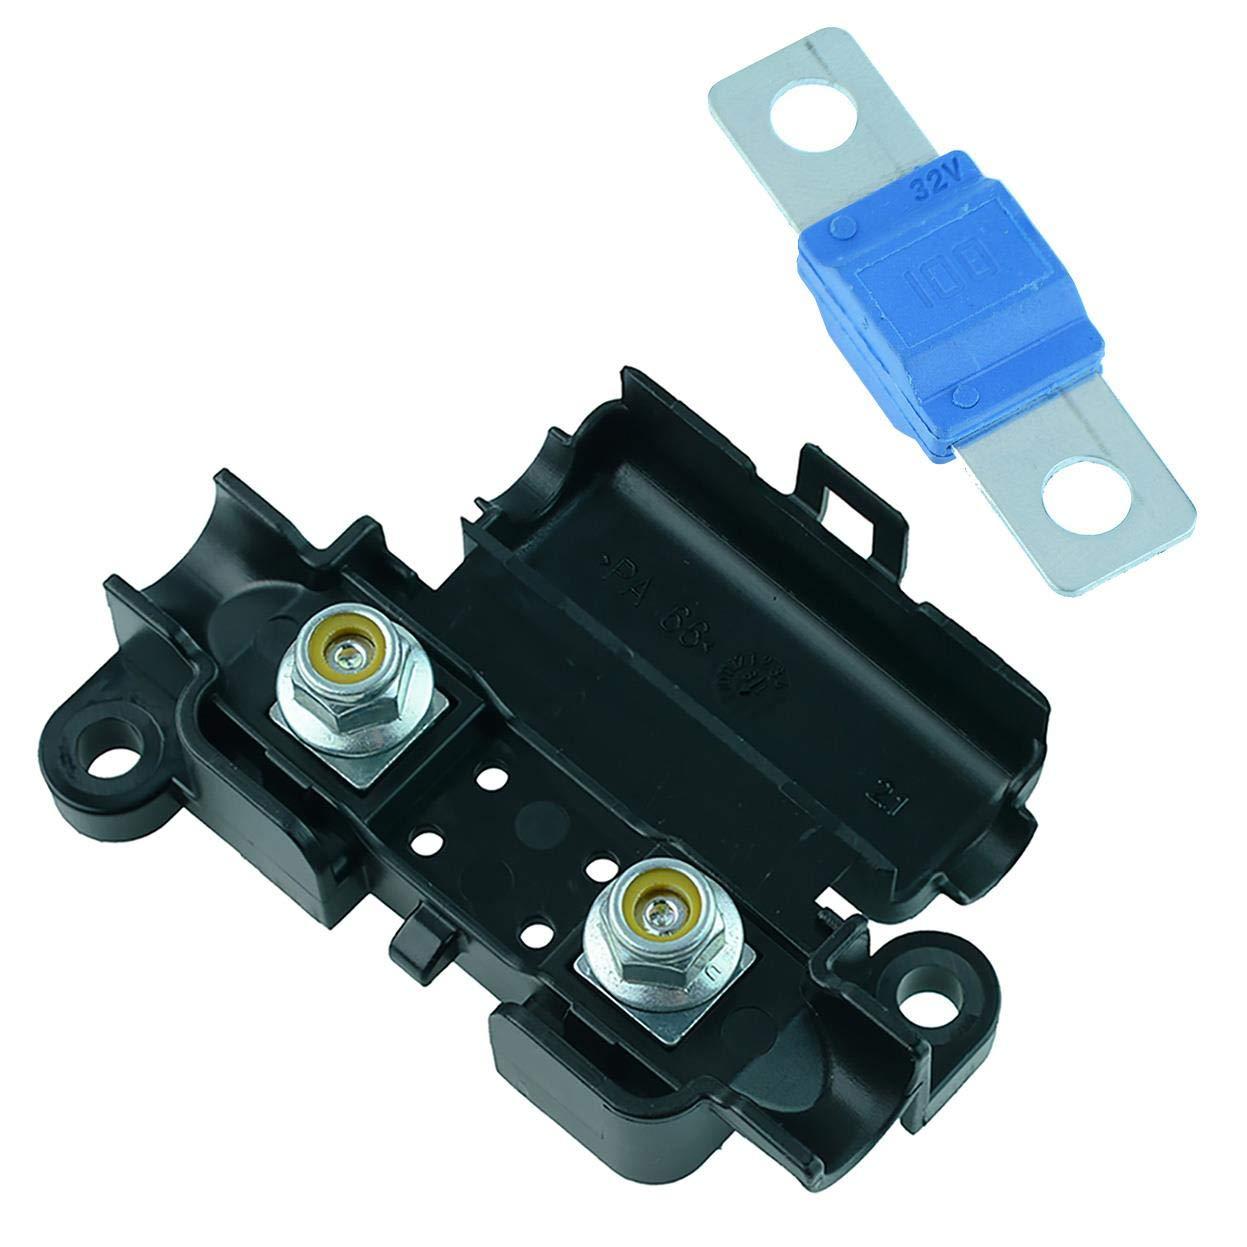 Midi Streifensicherungshalter Und Midi Sicherung 30 A Bis 150 A Auto Auto Kfz 12 V 100 A Blau Gewerbe Industrie Wissenschaft